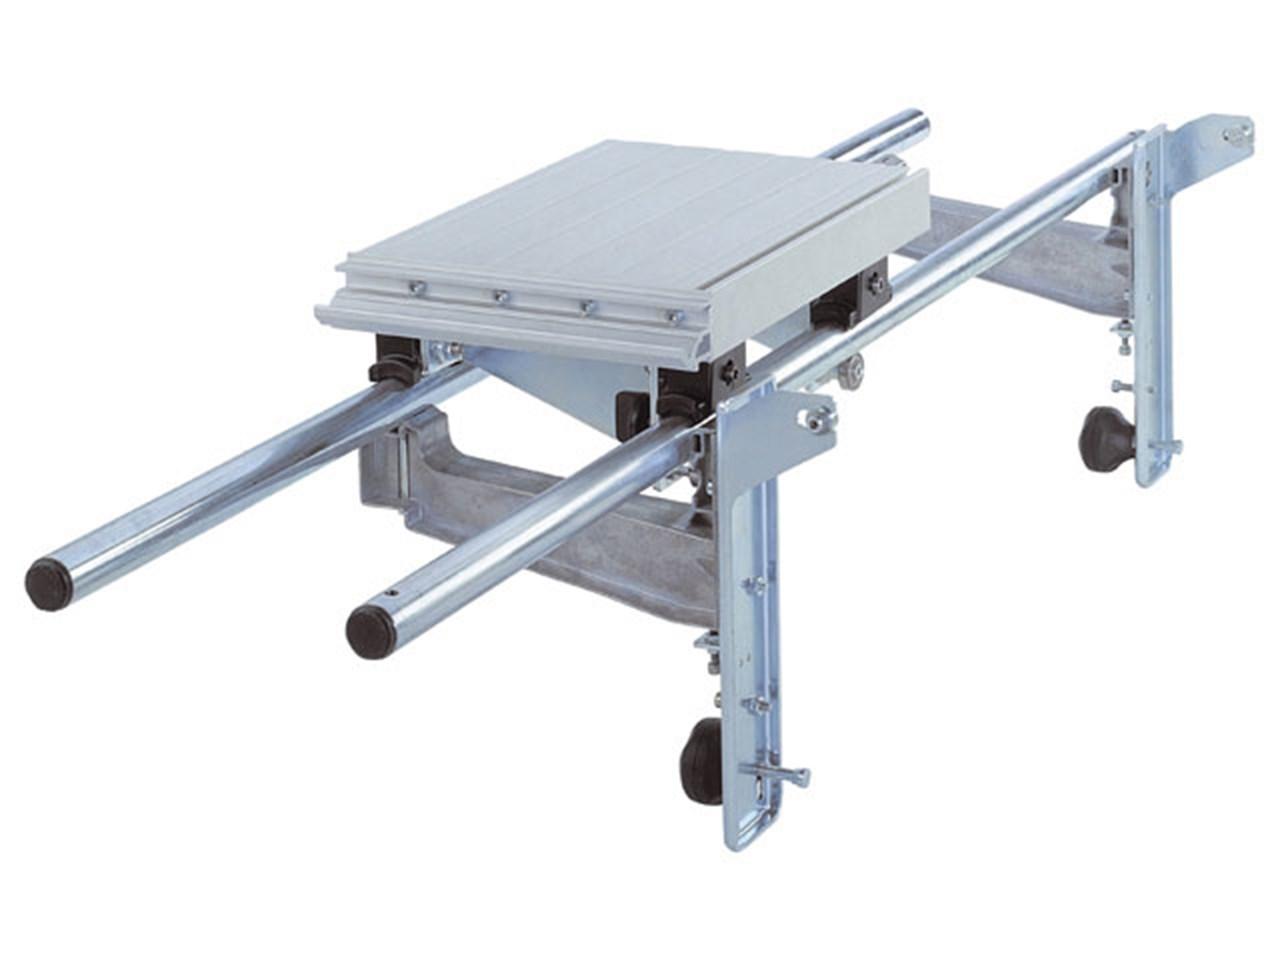 Festool 490312 sliding table cs70 st 650 for Table festool